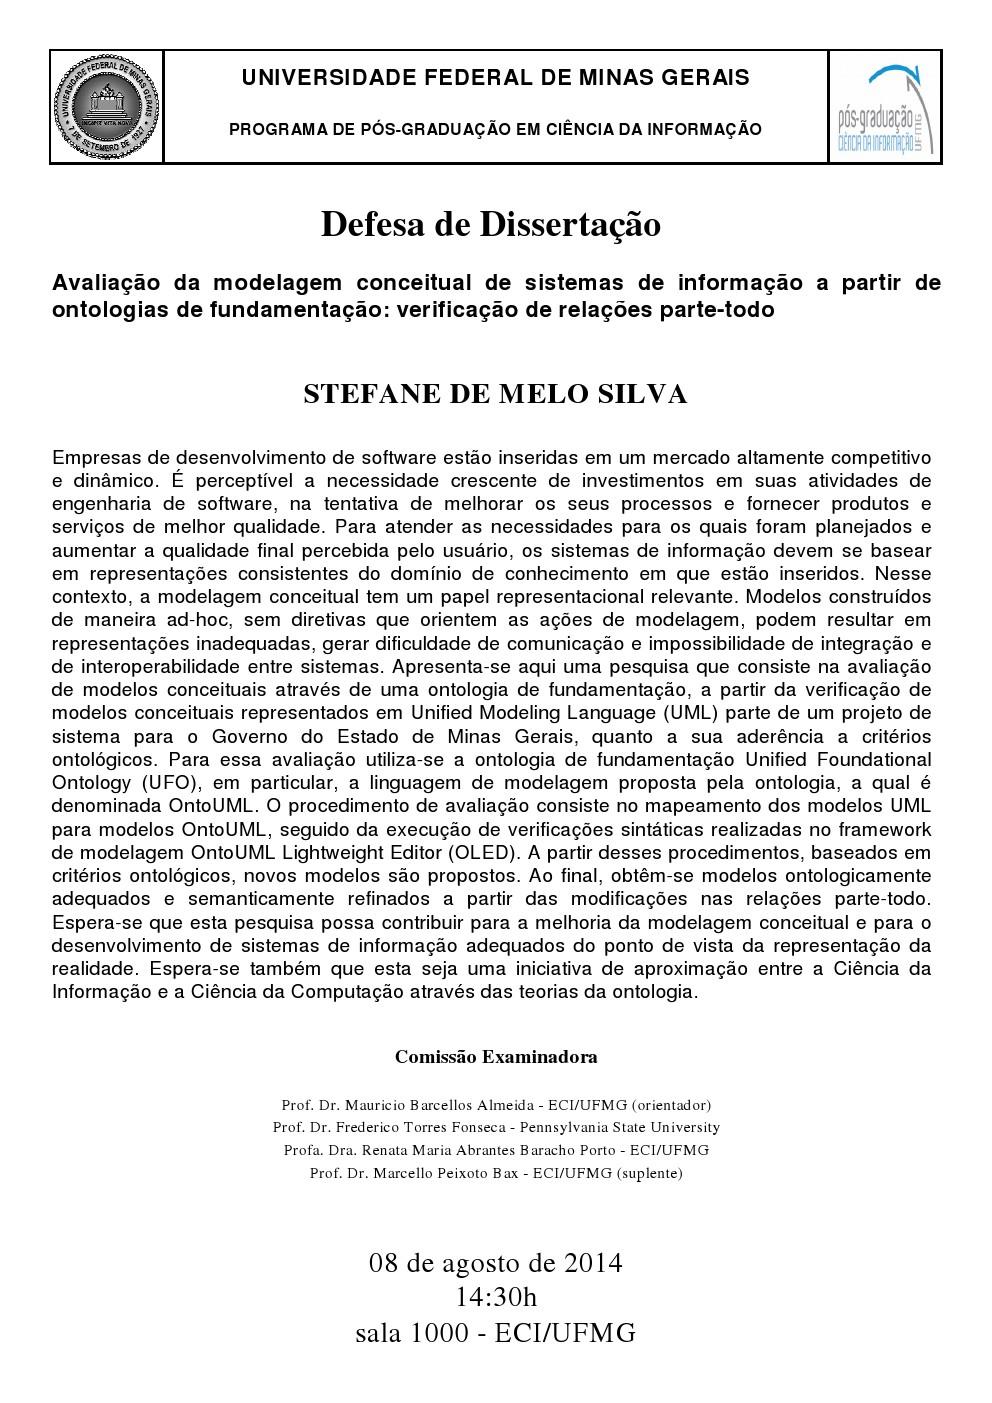 Defesa de Dissertação Stefane